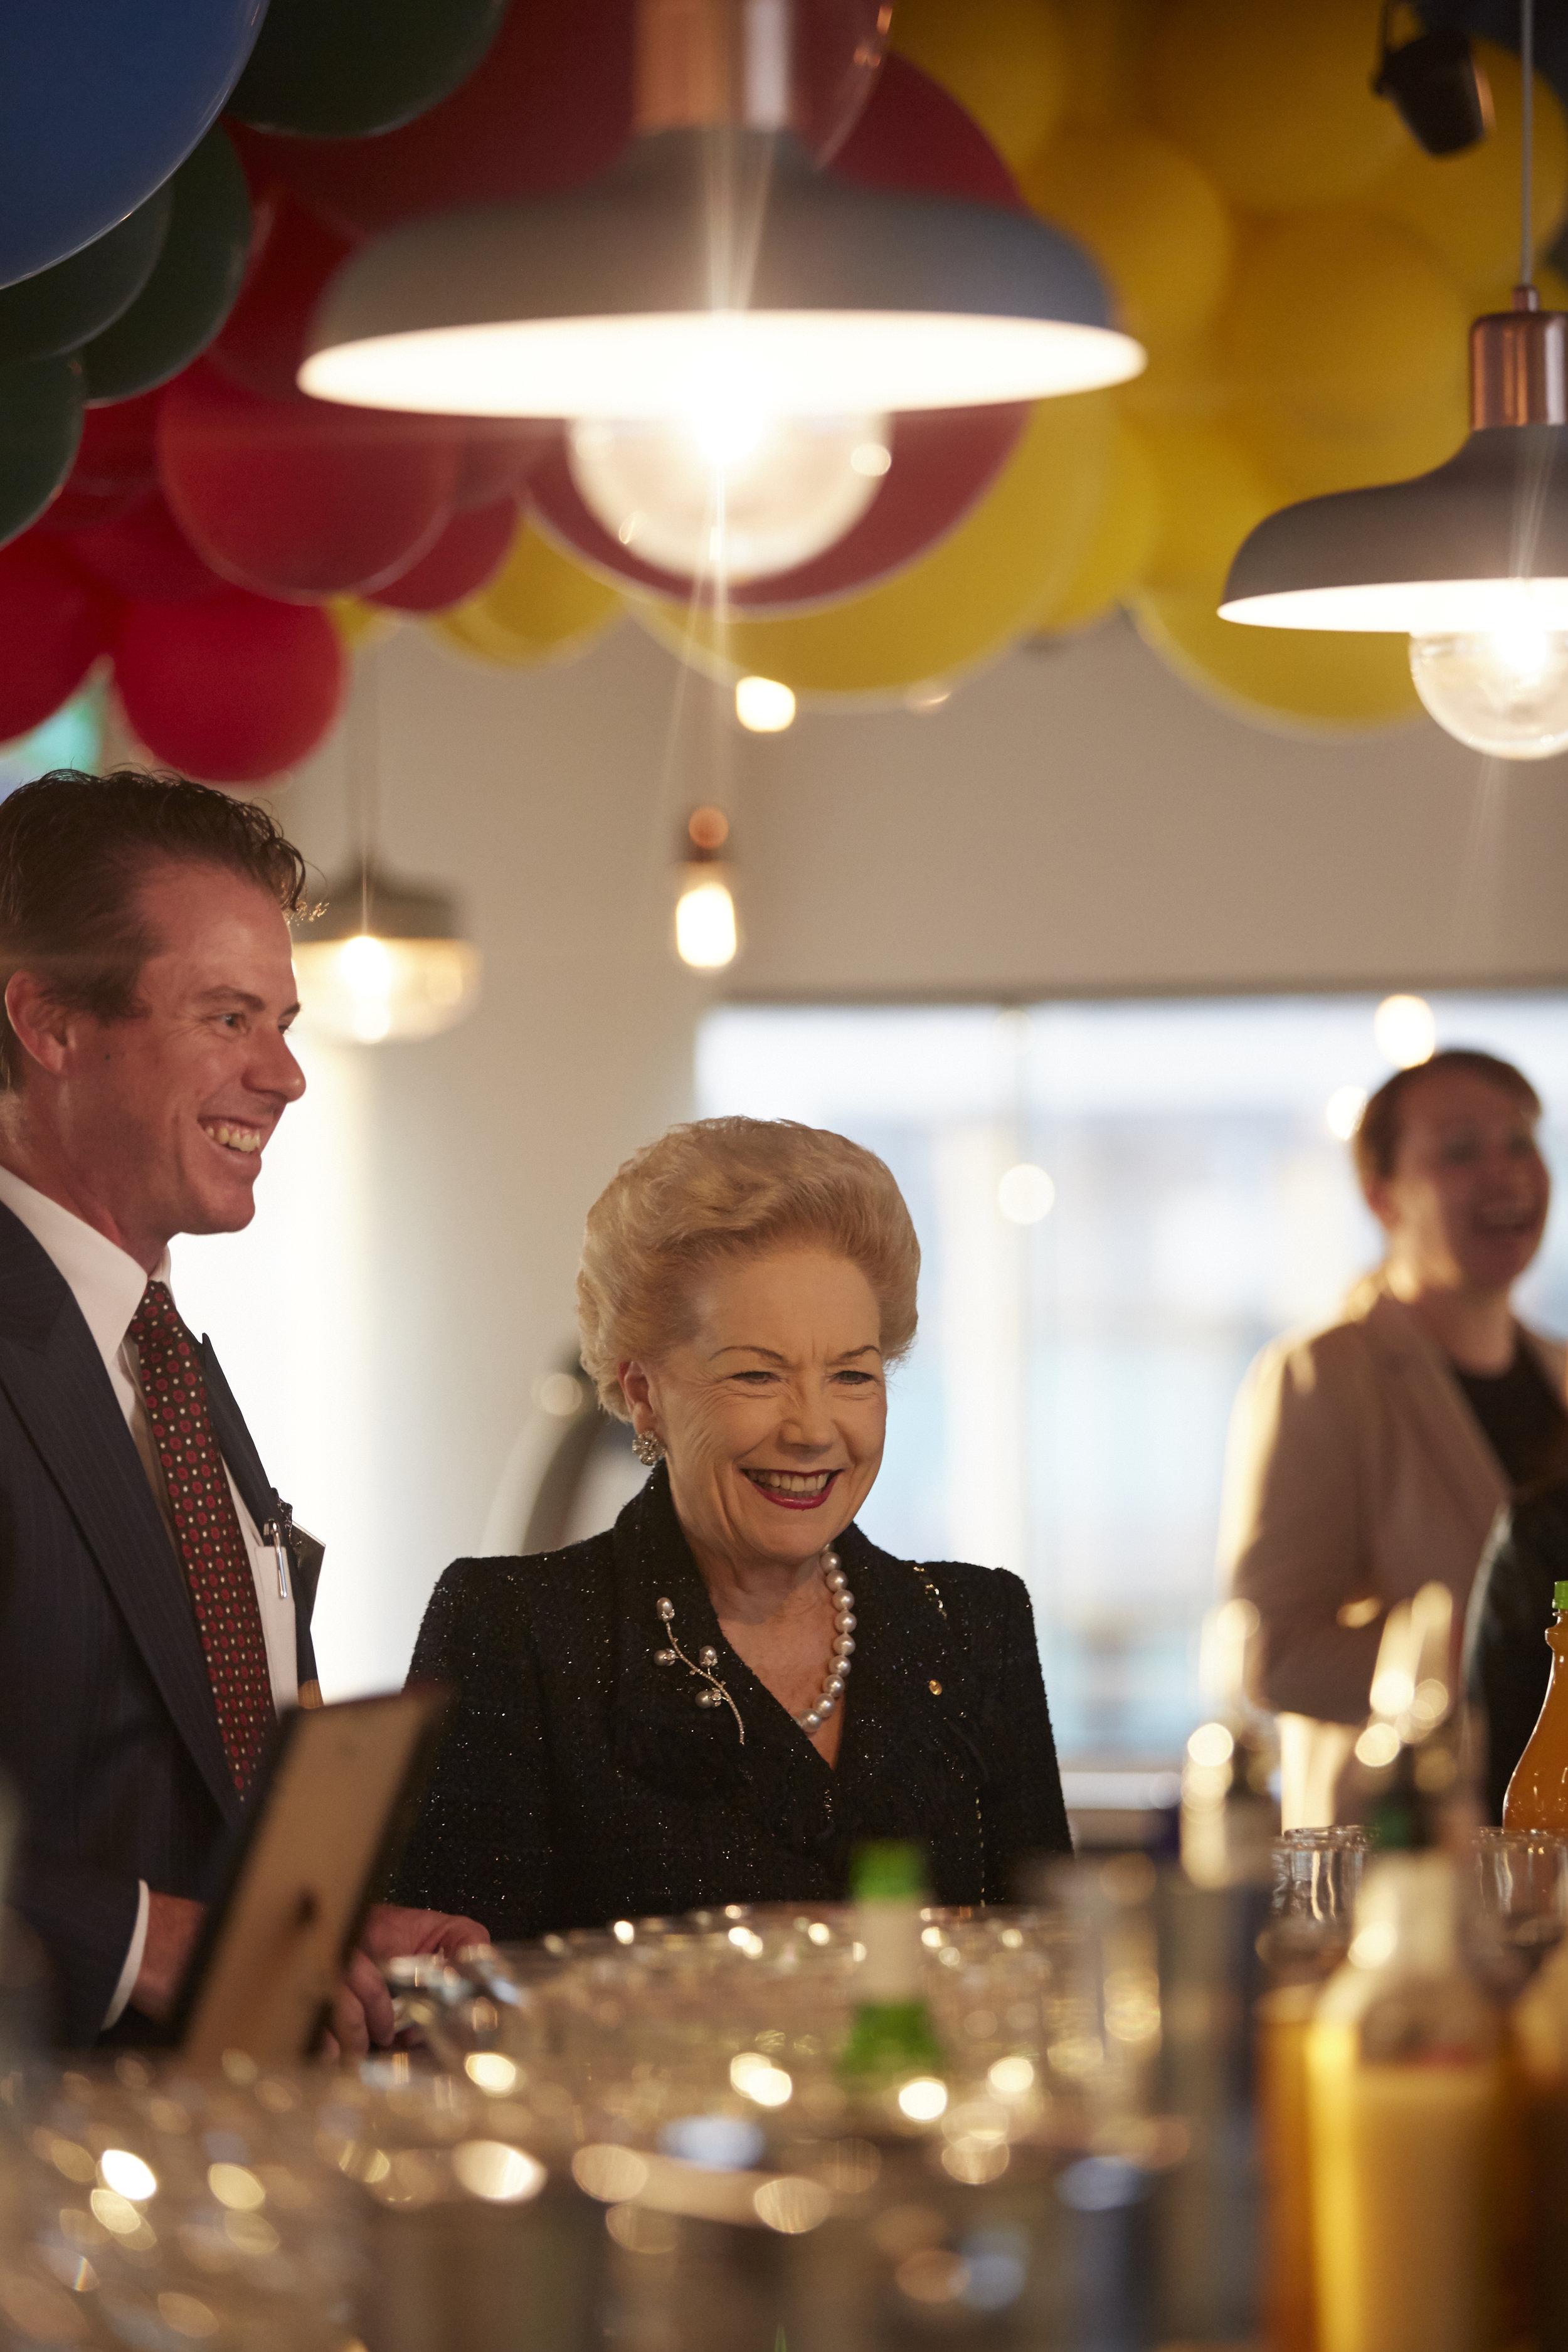 Susan Alberti + James Scuderi at cocktail bar.jpg